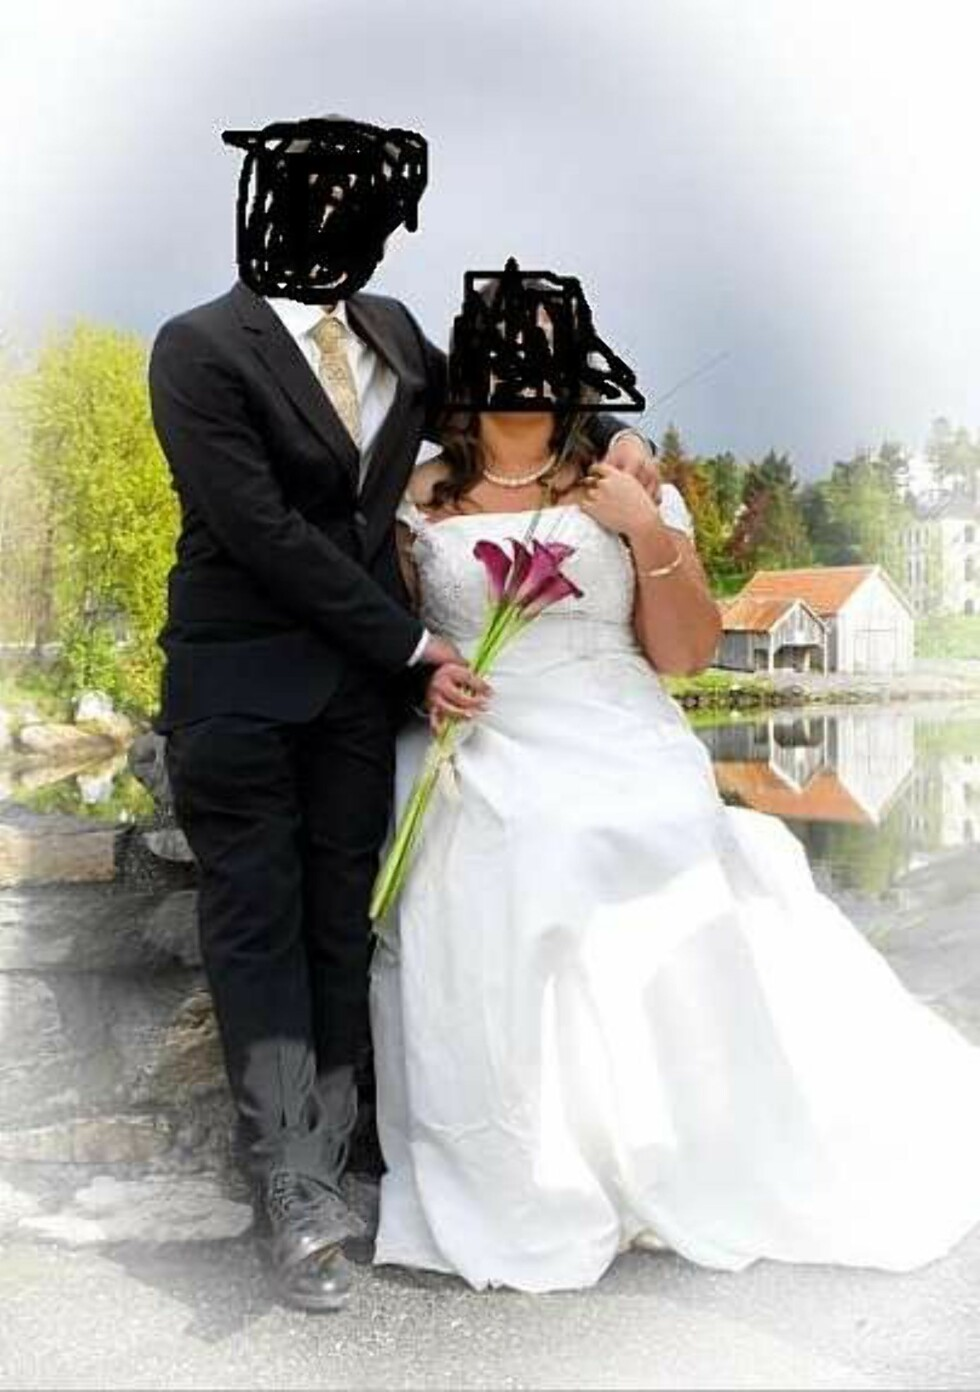 """""""Spøkelseskladden med frue"""" kommentar på Facebook. Foto: Faksimile: Finn.no"""